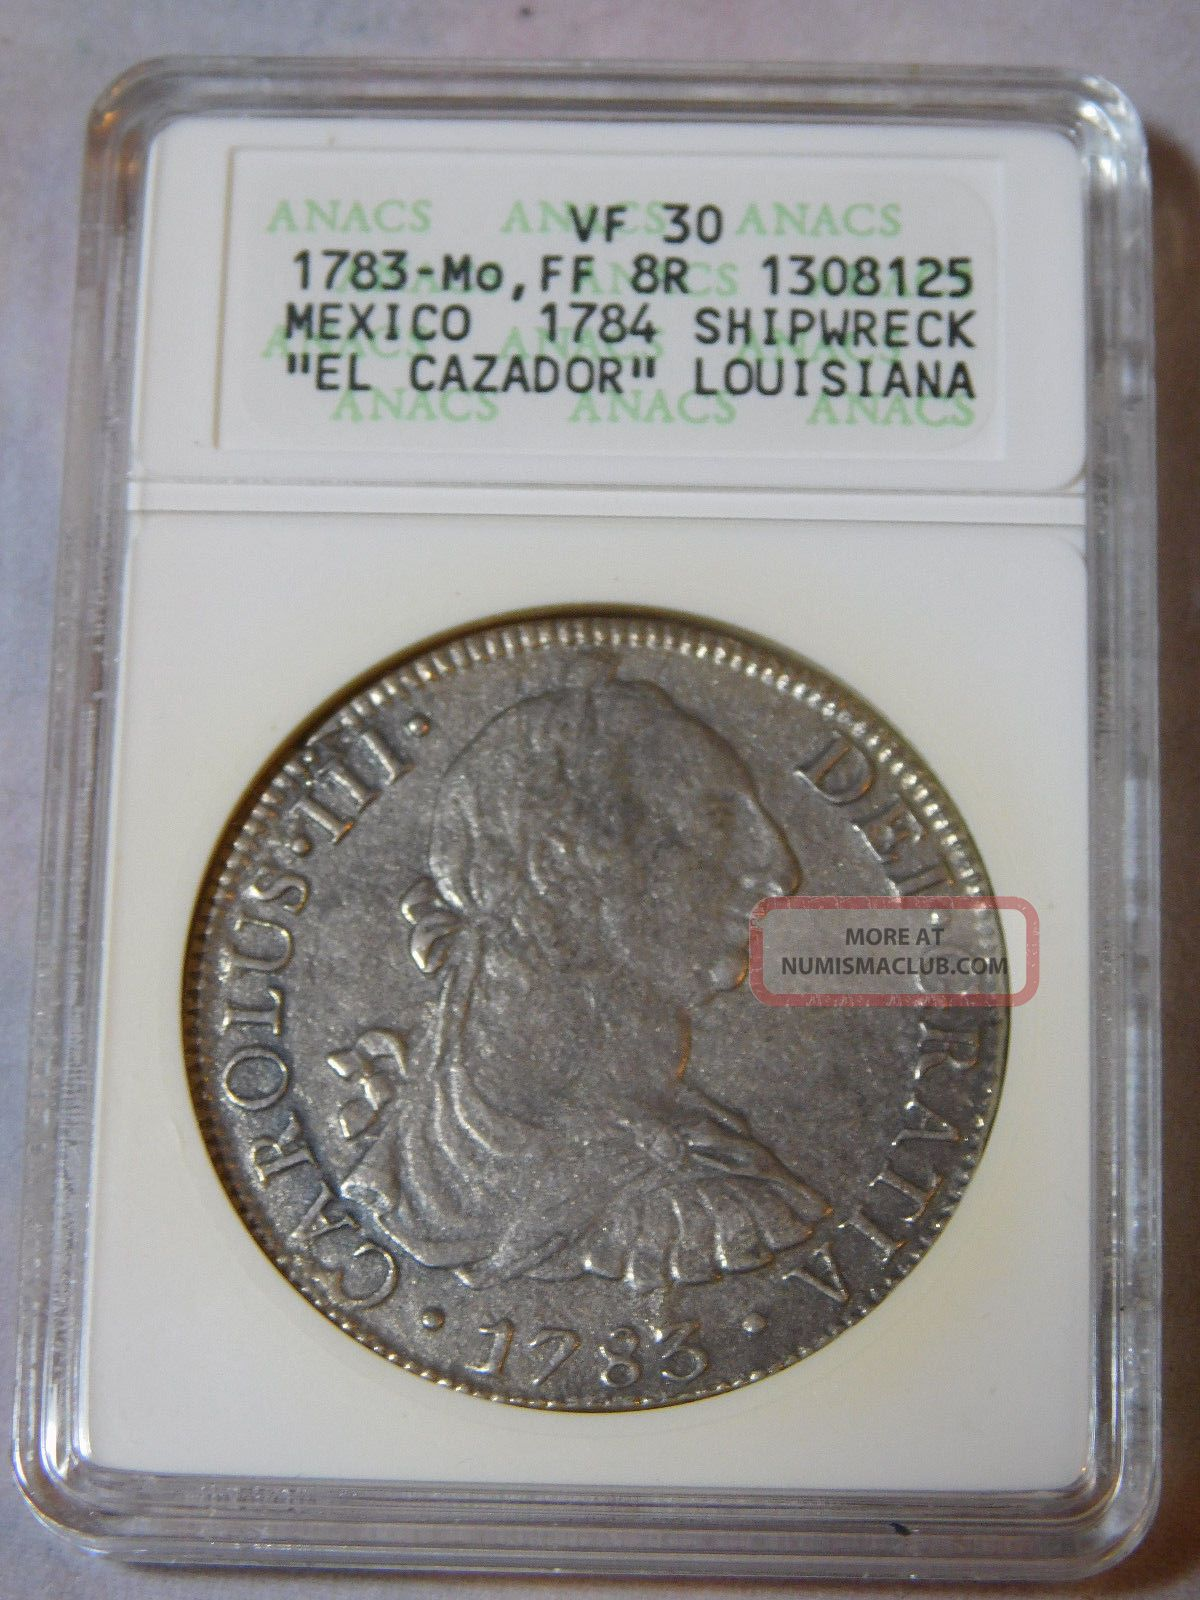 1783 Mo Ff 8r Reales Mexico El Cazador Louisiana